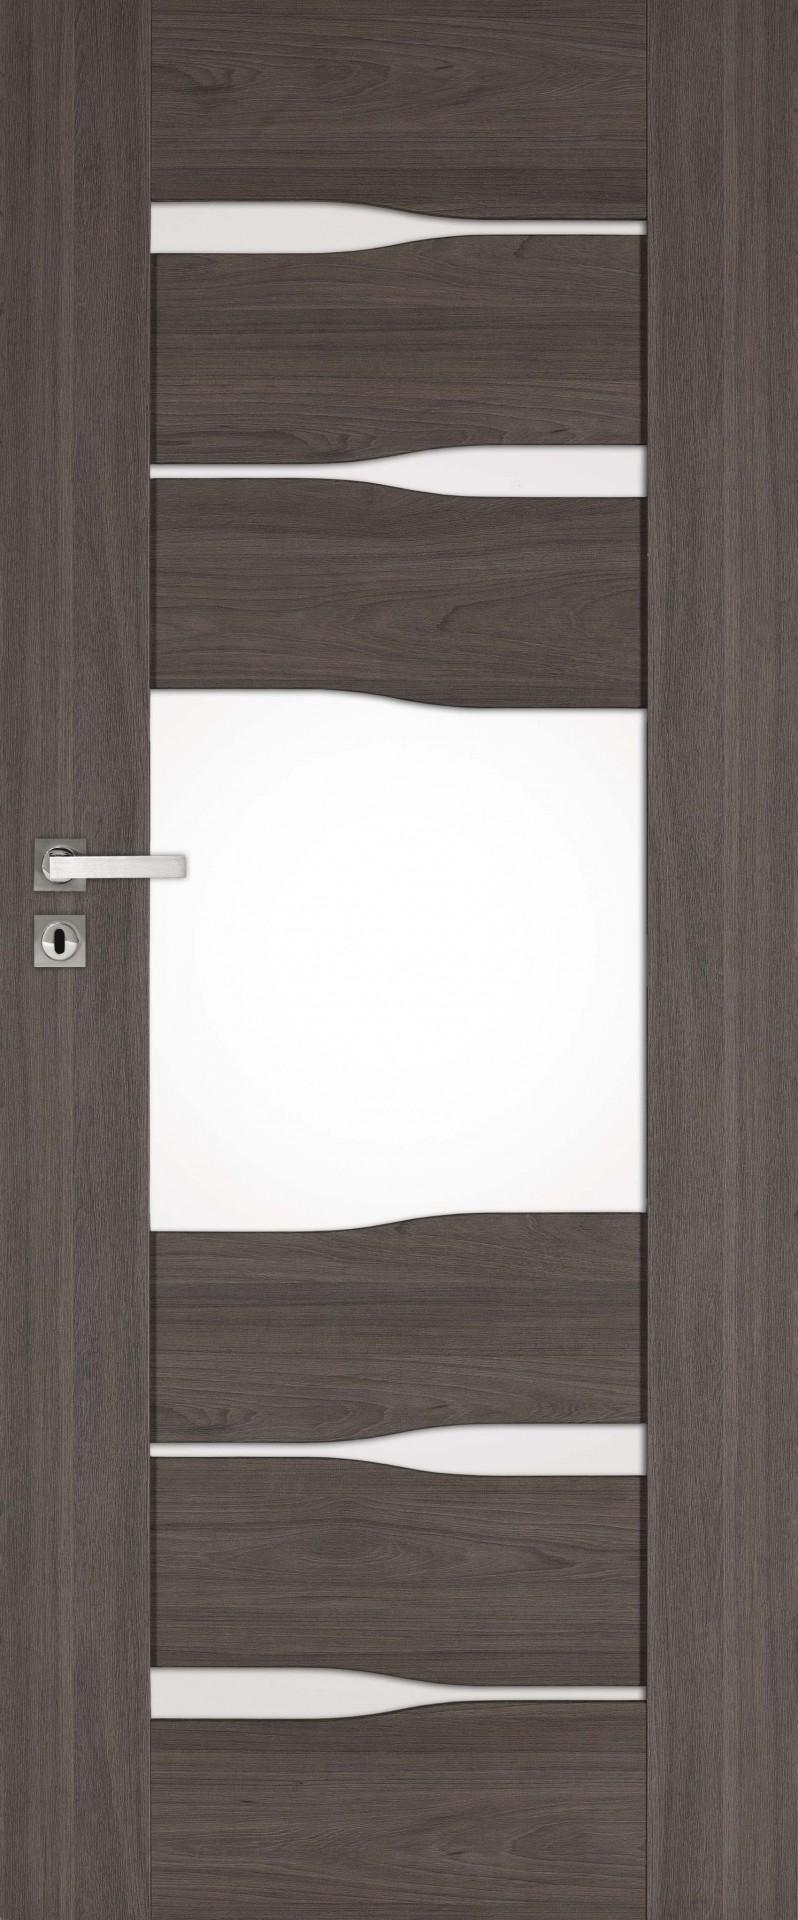 Dre dveře EMENA 3, Šíře v cm 80